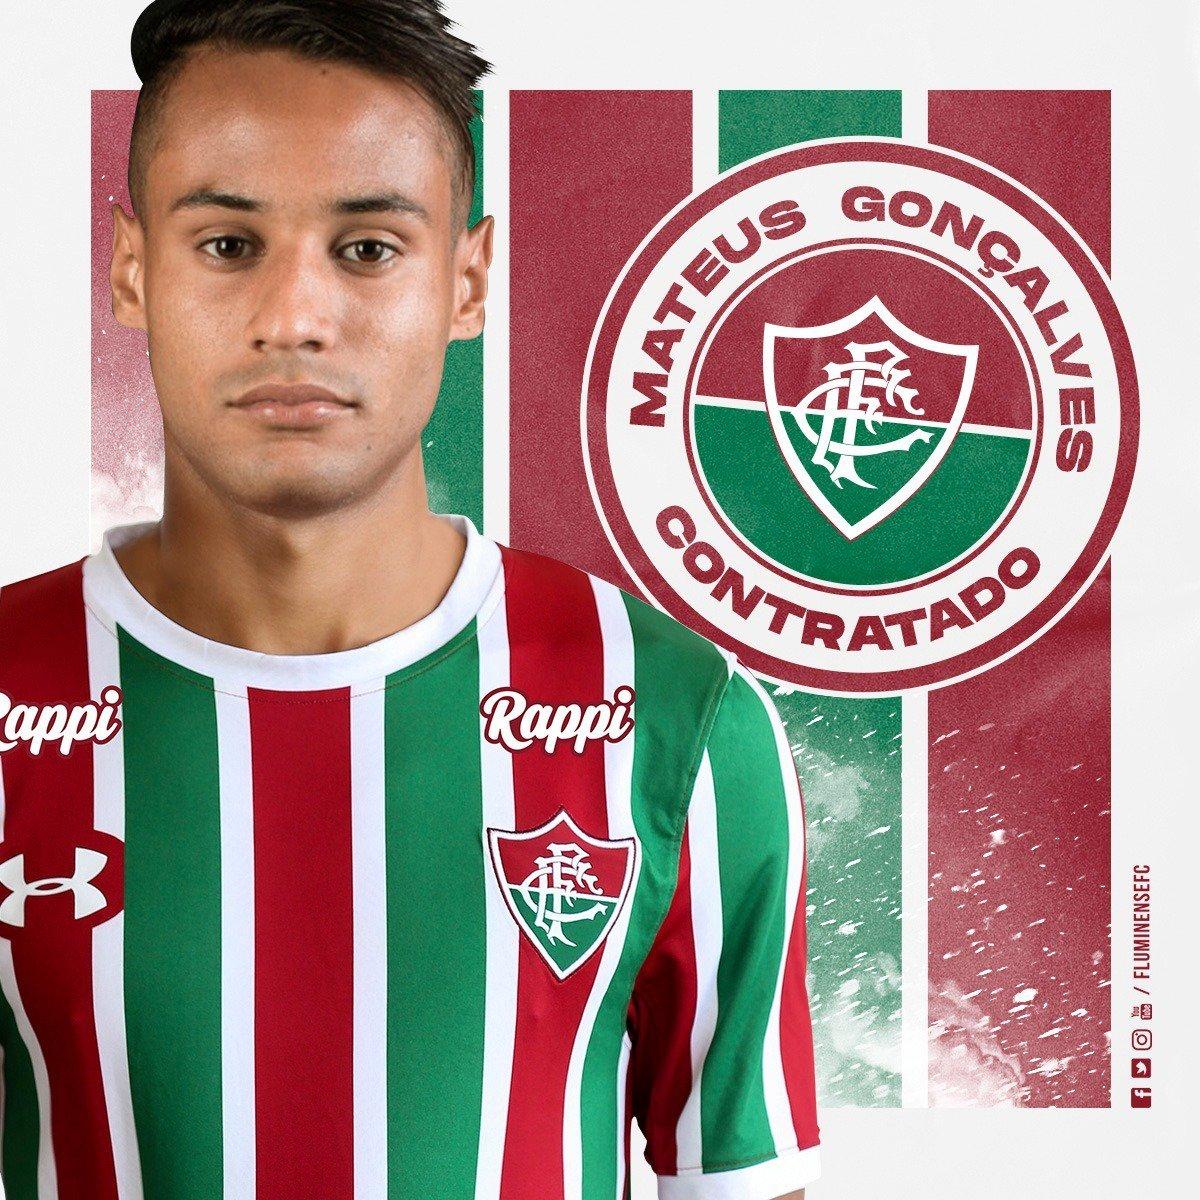 O RAIO CHEGOU! Mateus Gonçalves⚡ é oficialmente do Fluminense! Saiba mais >> https://t.co/KFMAypTFsU #VamosFluzão🇭🇺